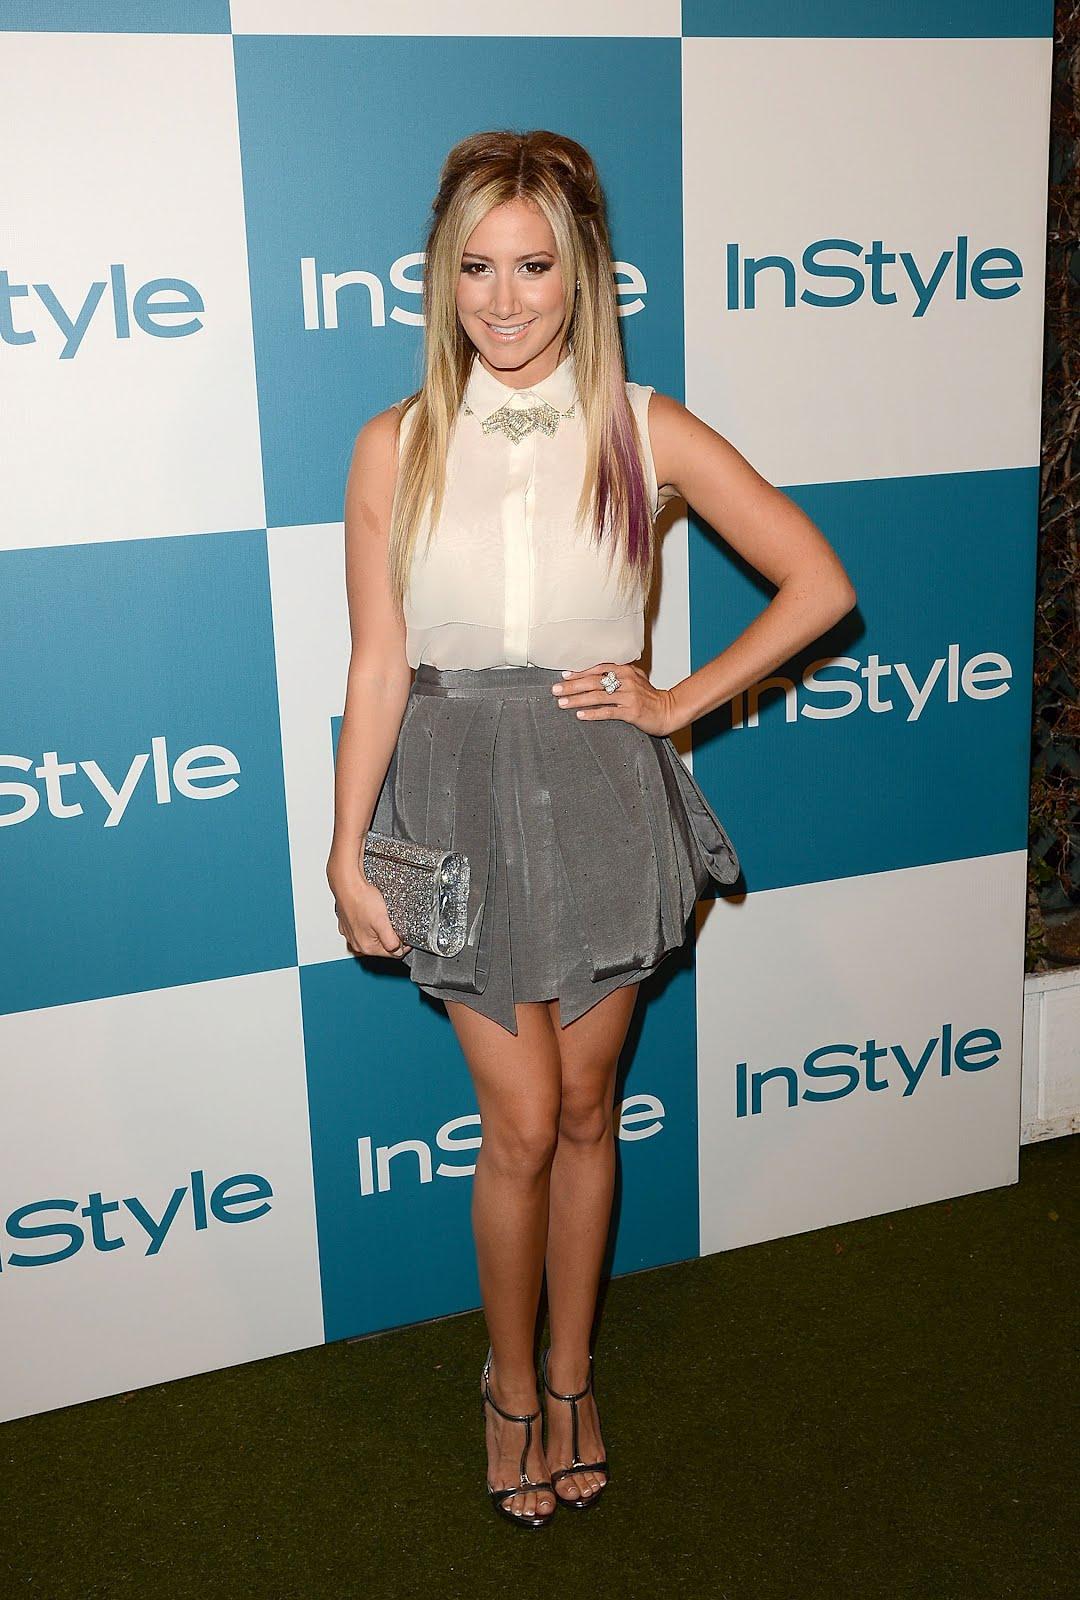 http://1.bp.blogspot.com/-fNo__aOM4Z0/UCYRwRjPR1I/AAAAAAAAAW4/ddM_ws5VXHE/s1600/Ashley_Tisdale_Feet_02.jpg